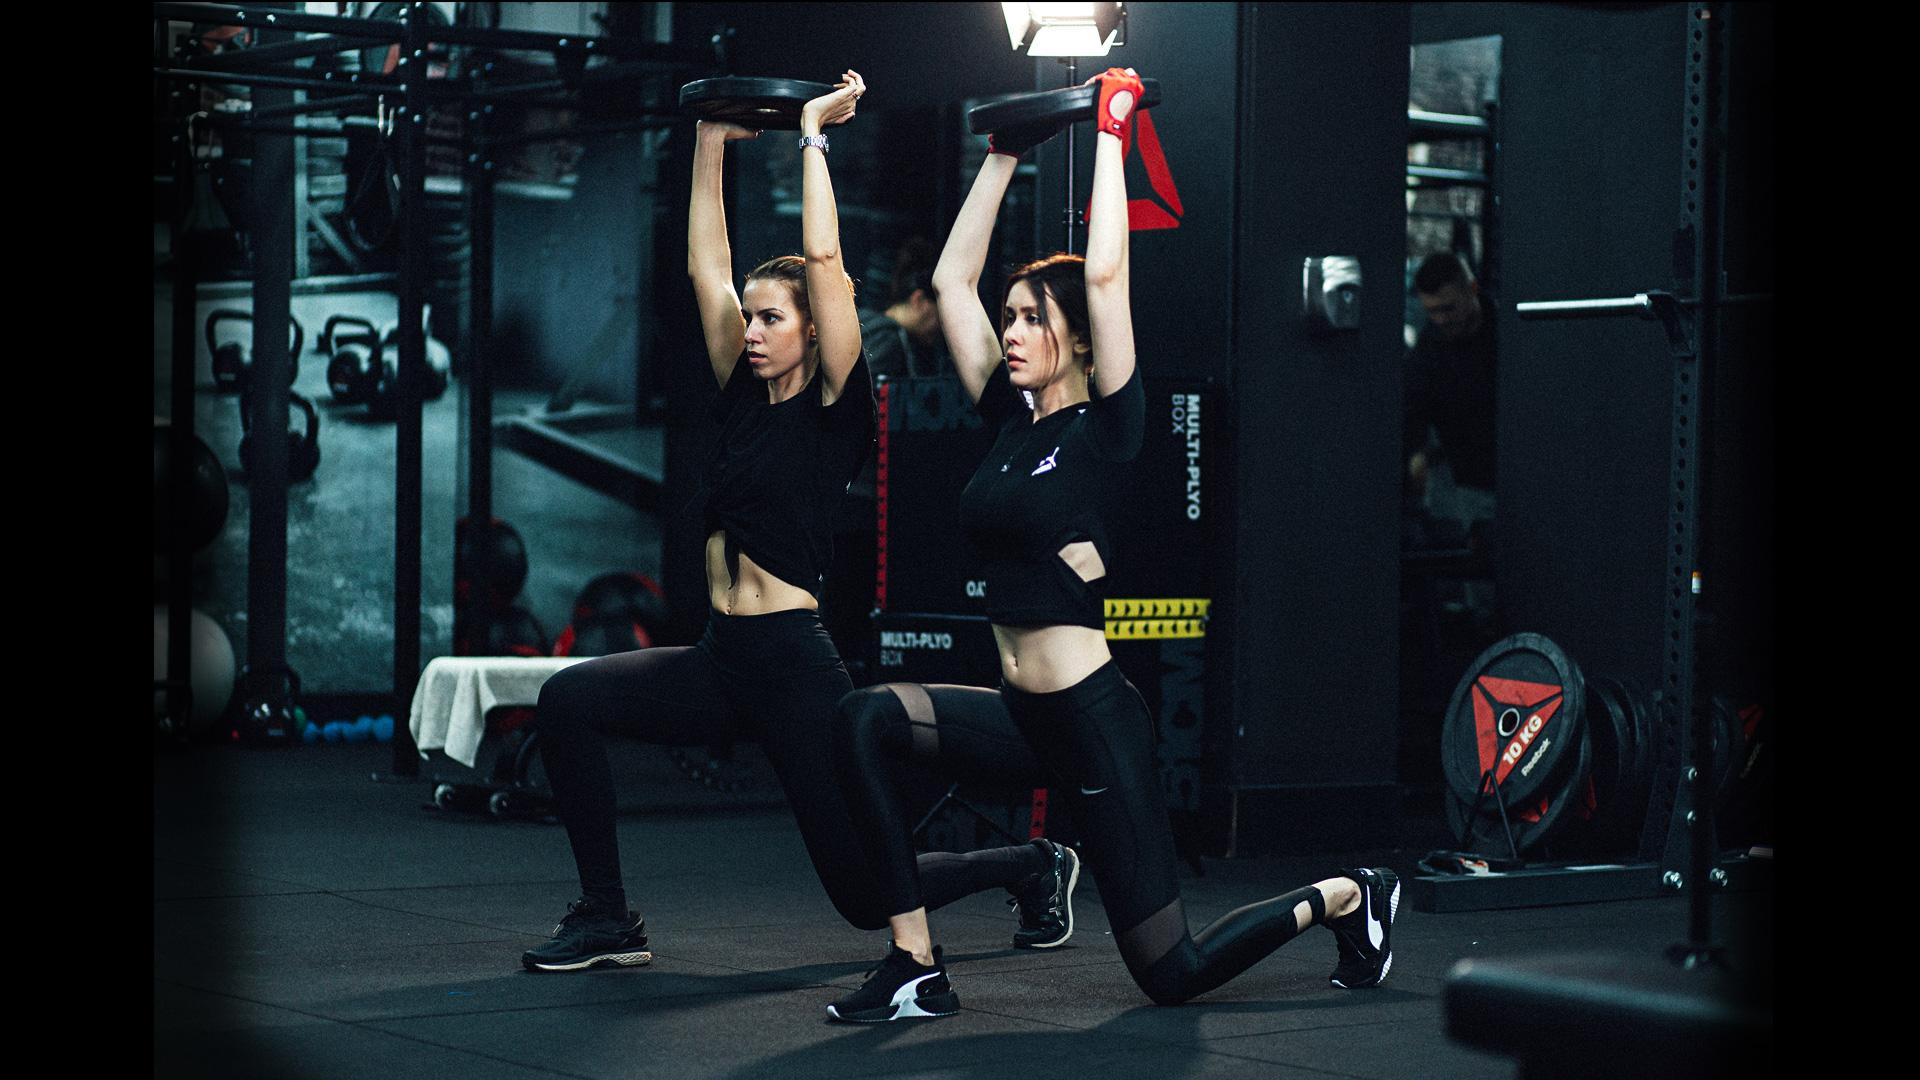 Private Training Marbella - Tamara Ryakina